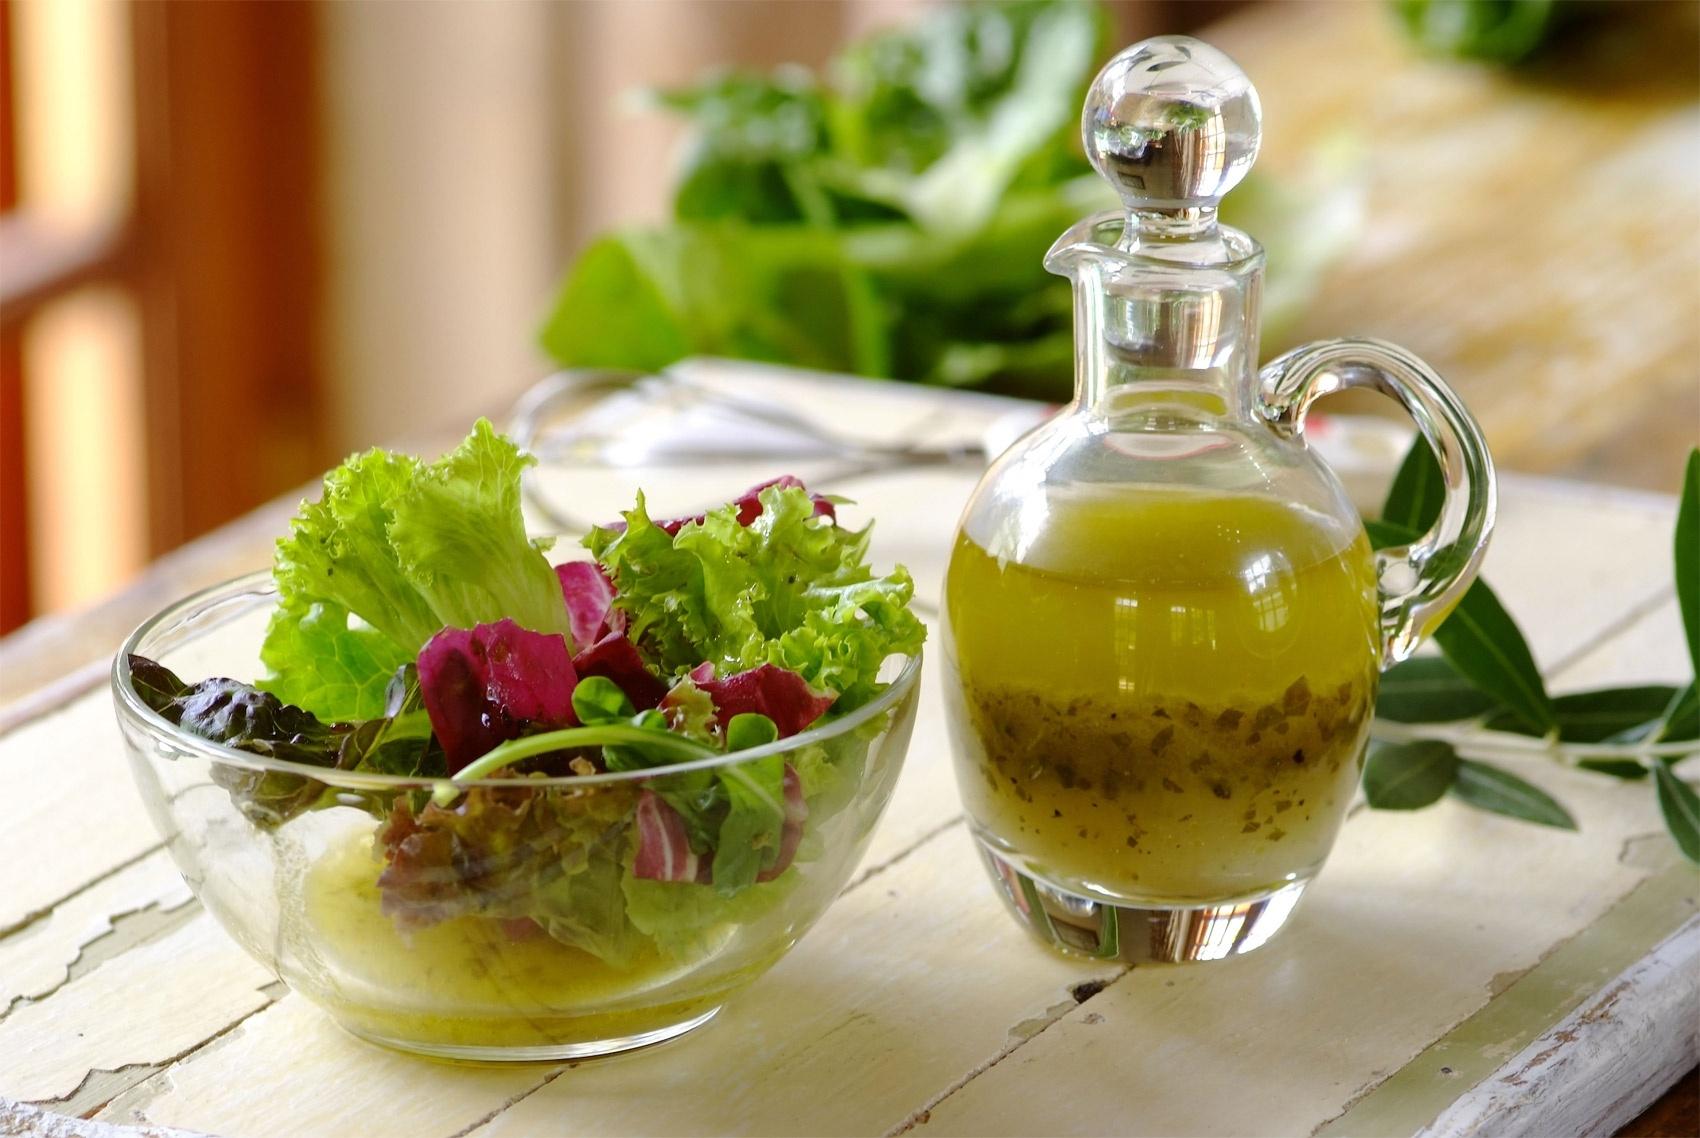 Чем заправить салат во время диеты